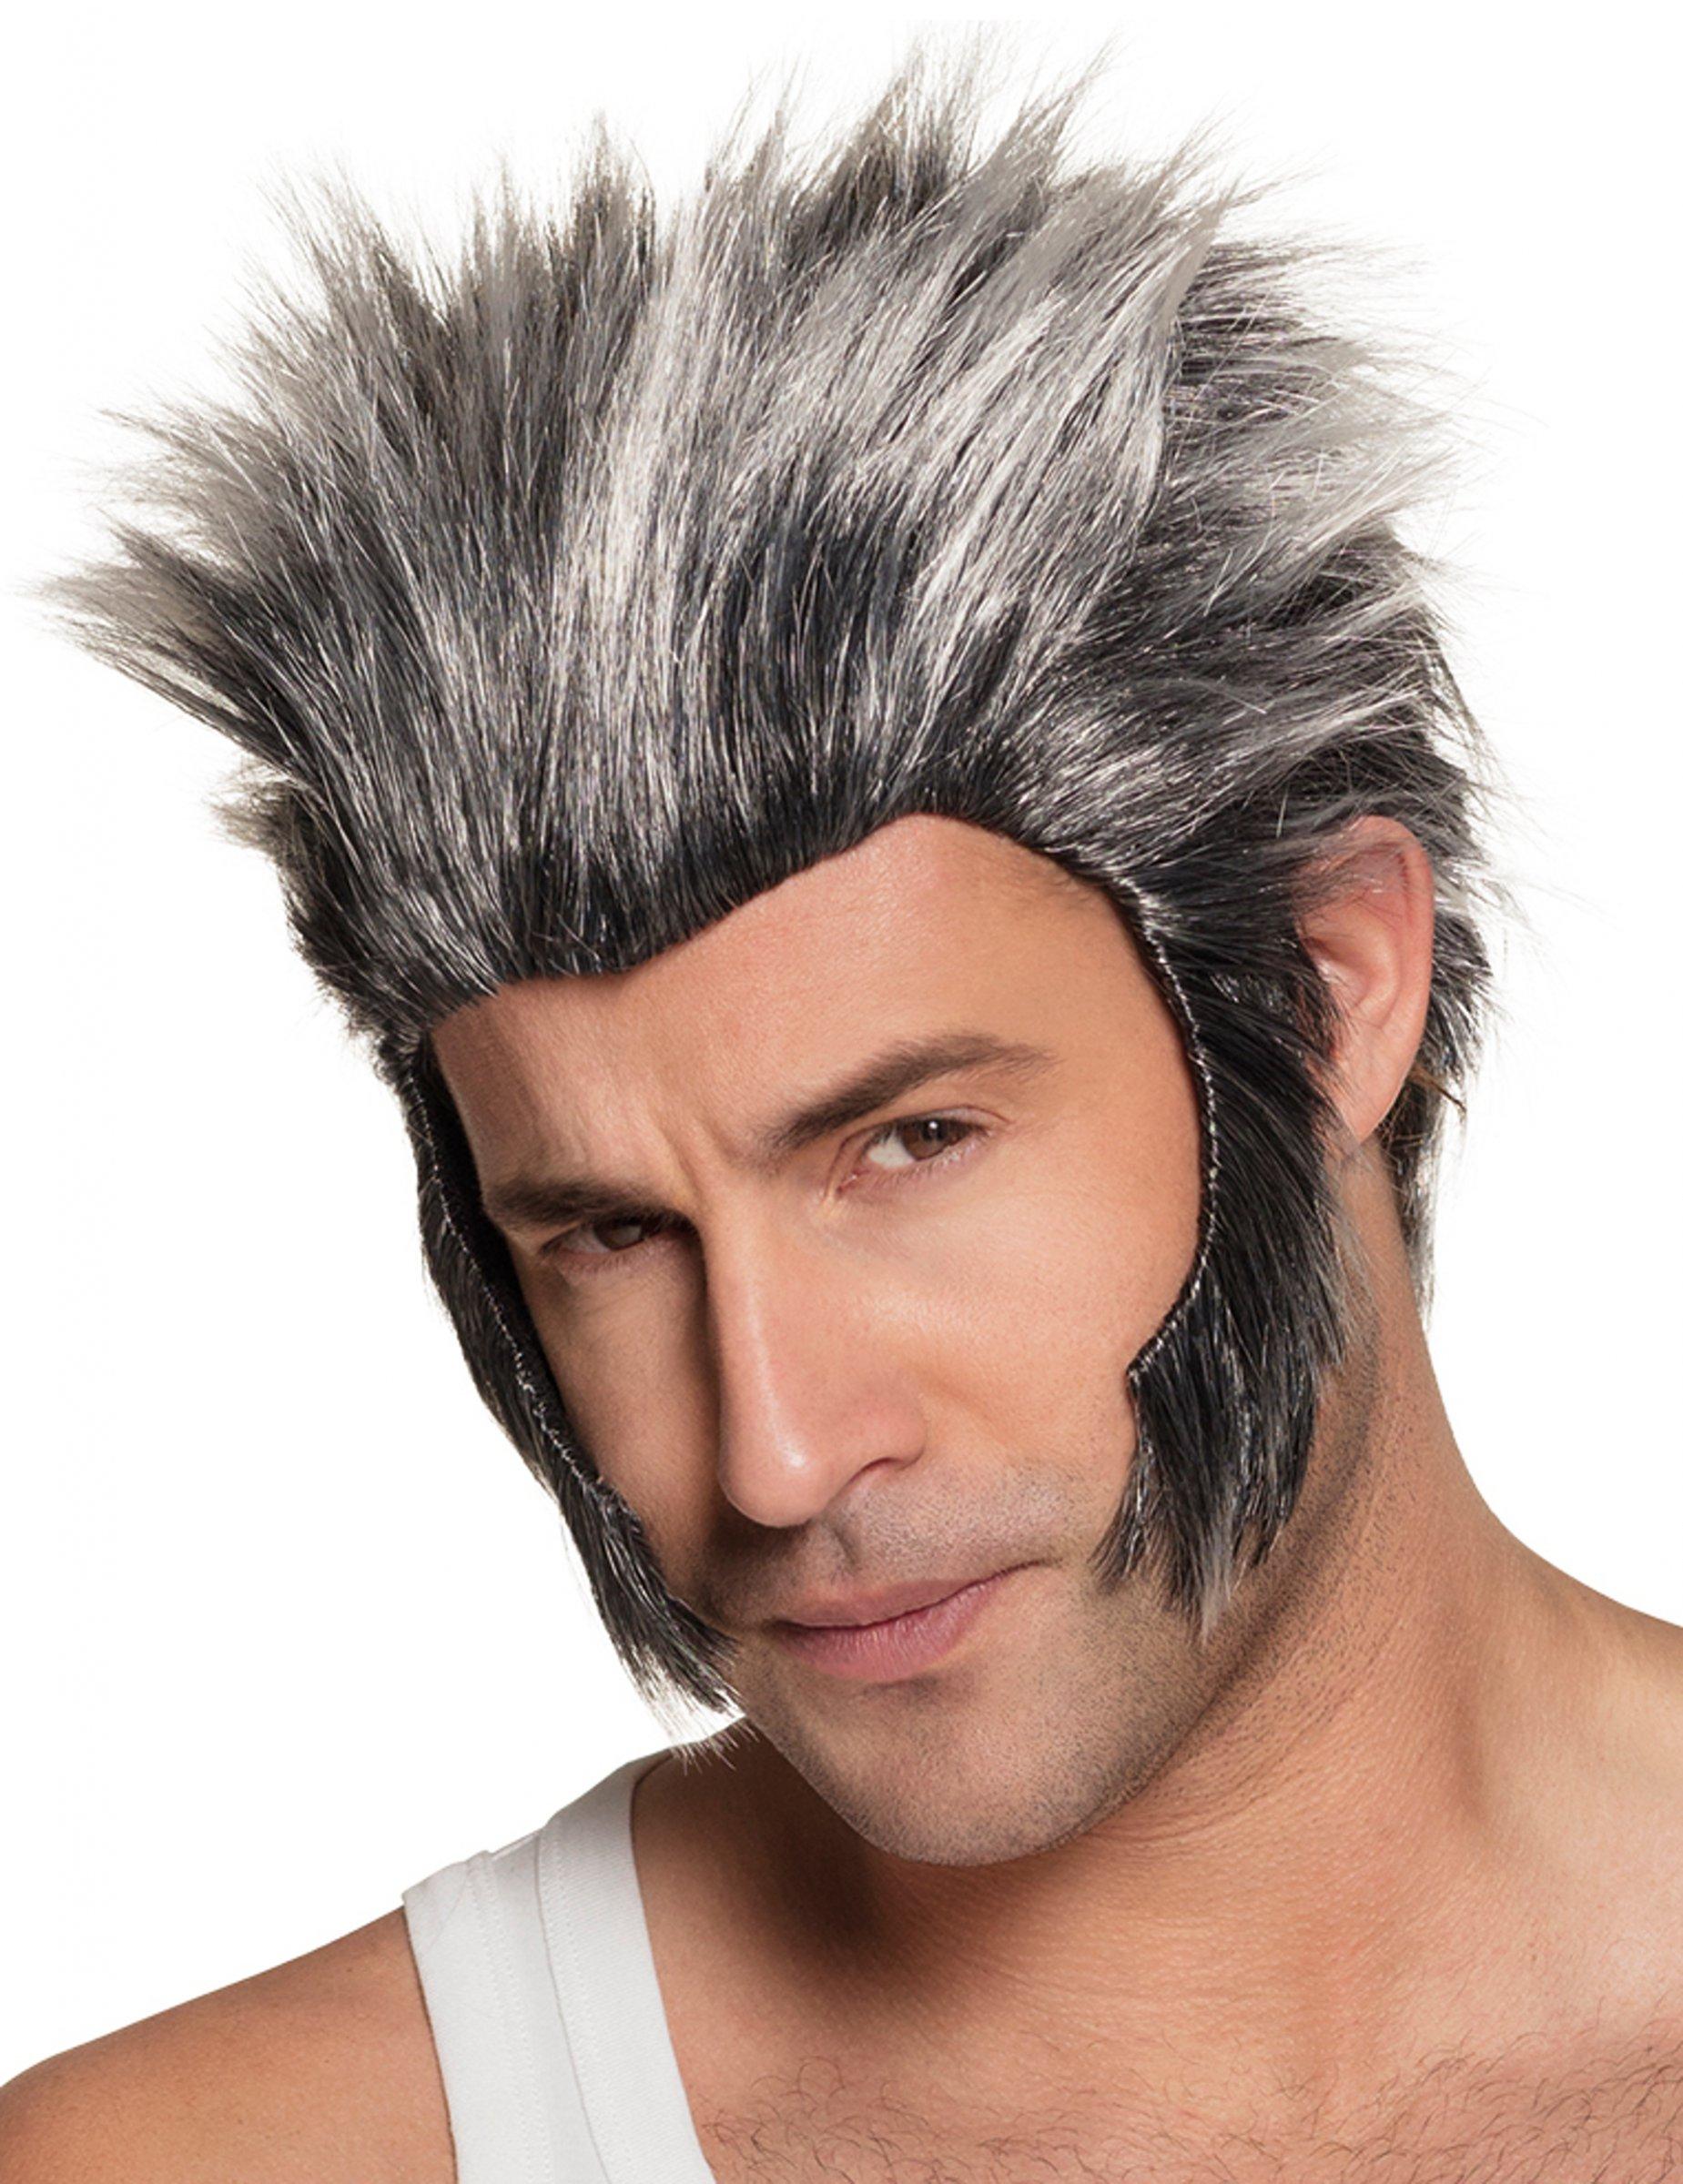 Perruques Argenté / gris, vente de perruques